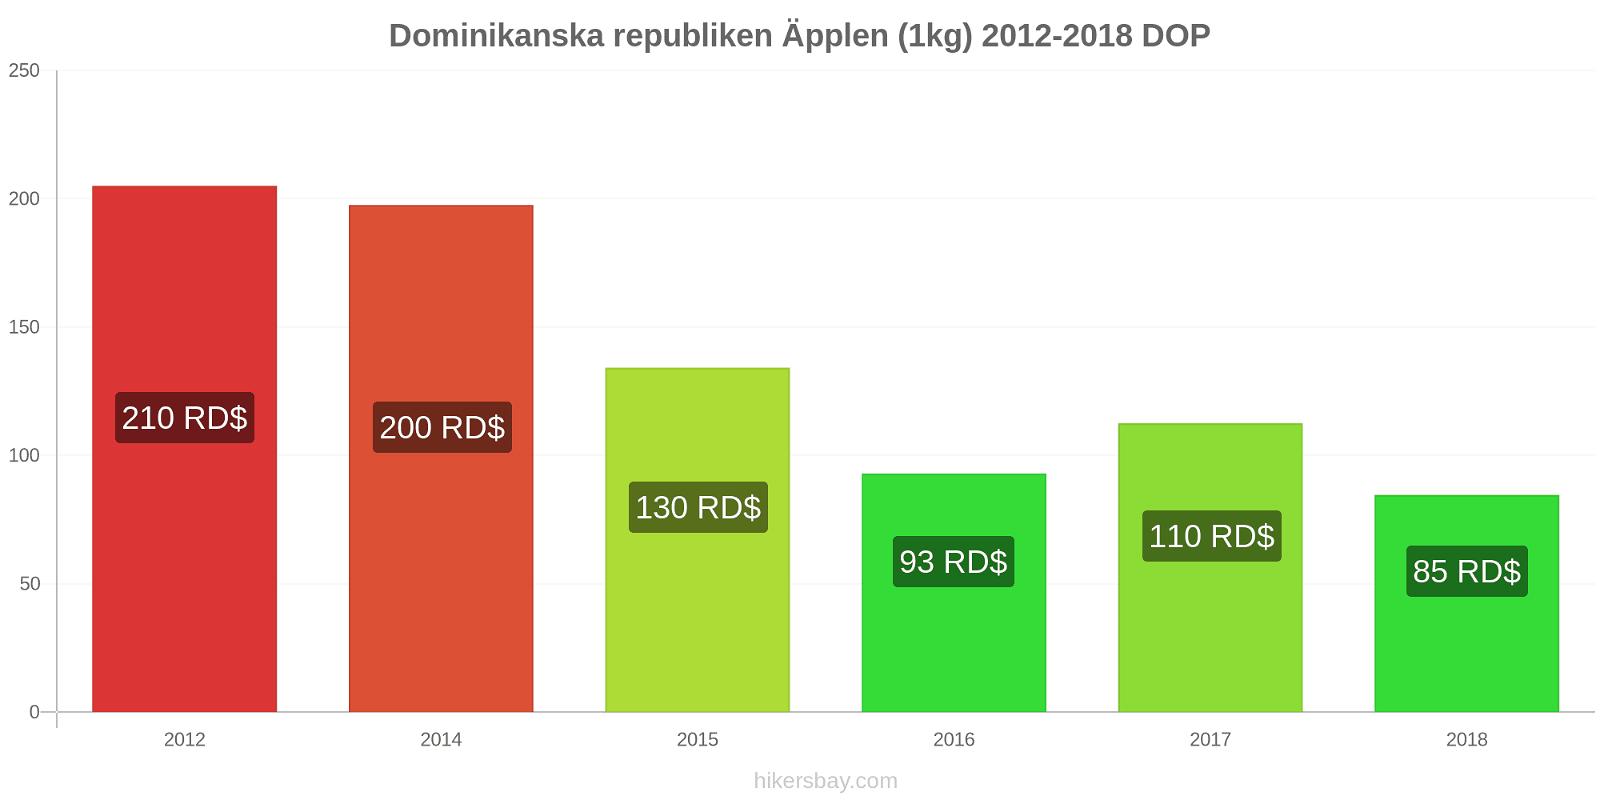 Dominikanska republiken prisförändringar Äpplen (1kg) hikersbay.com